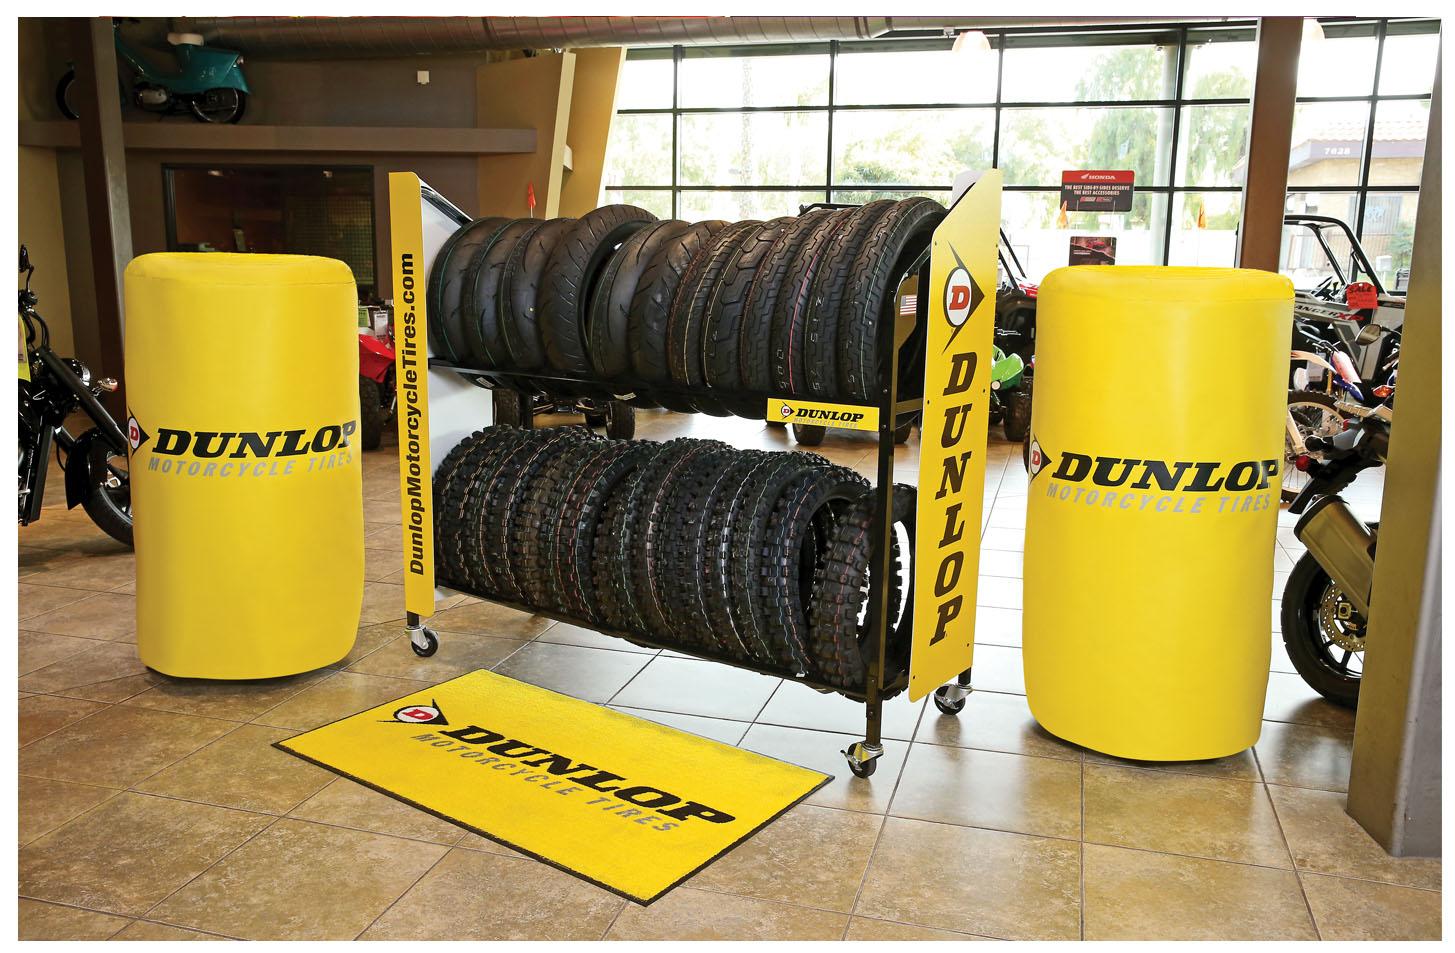 Dunlop_pop_1.jpg